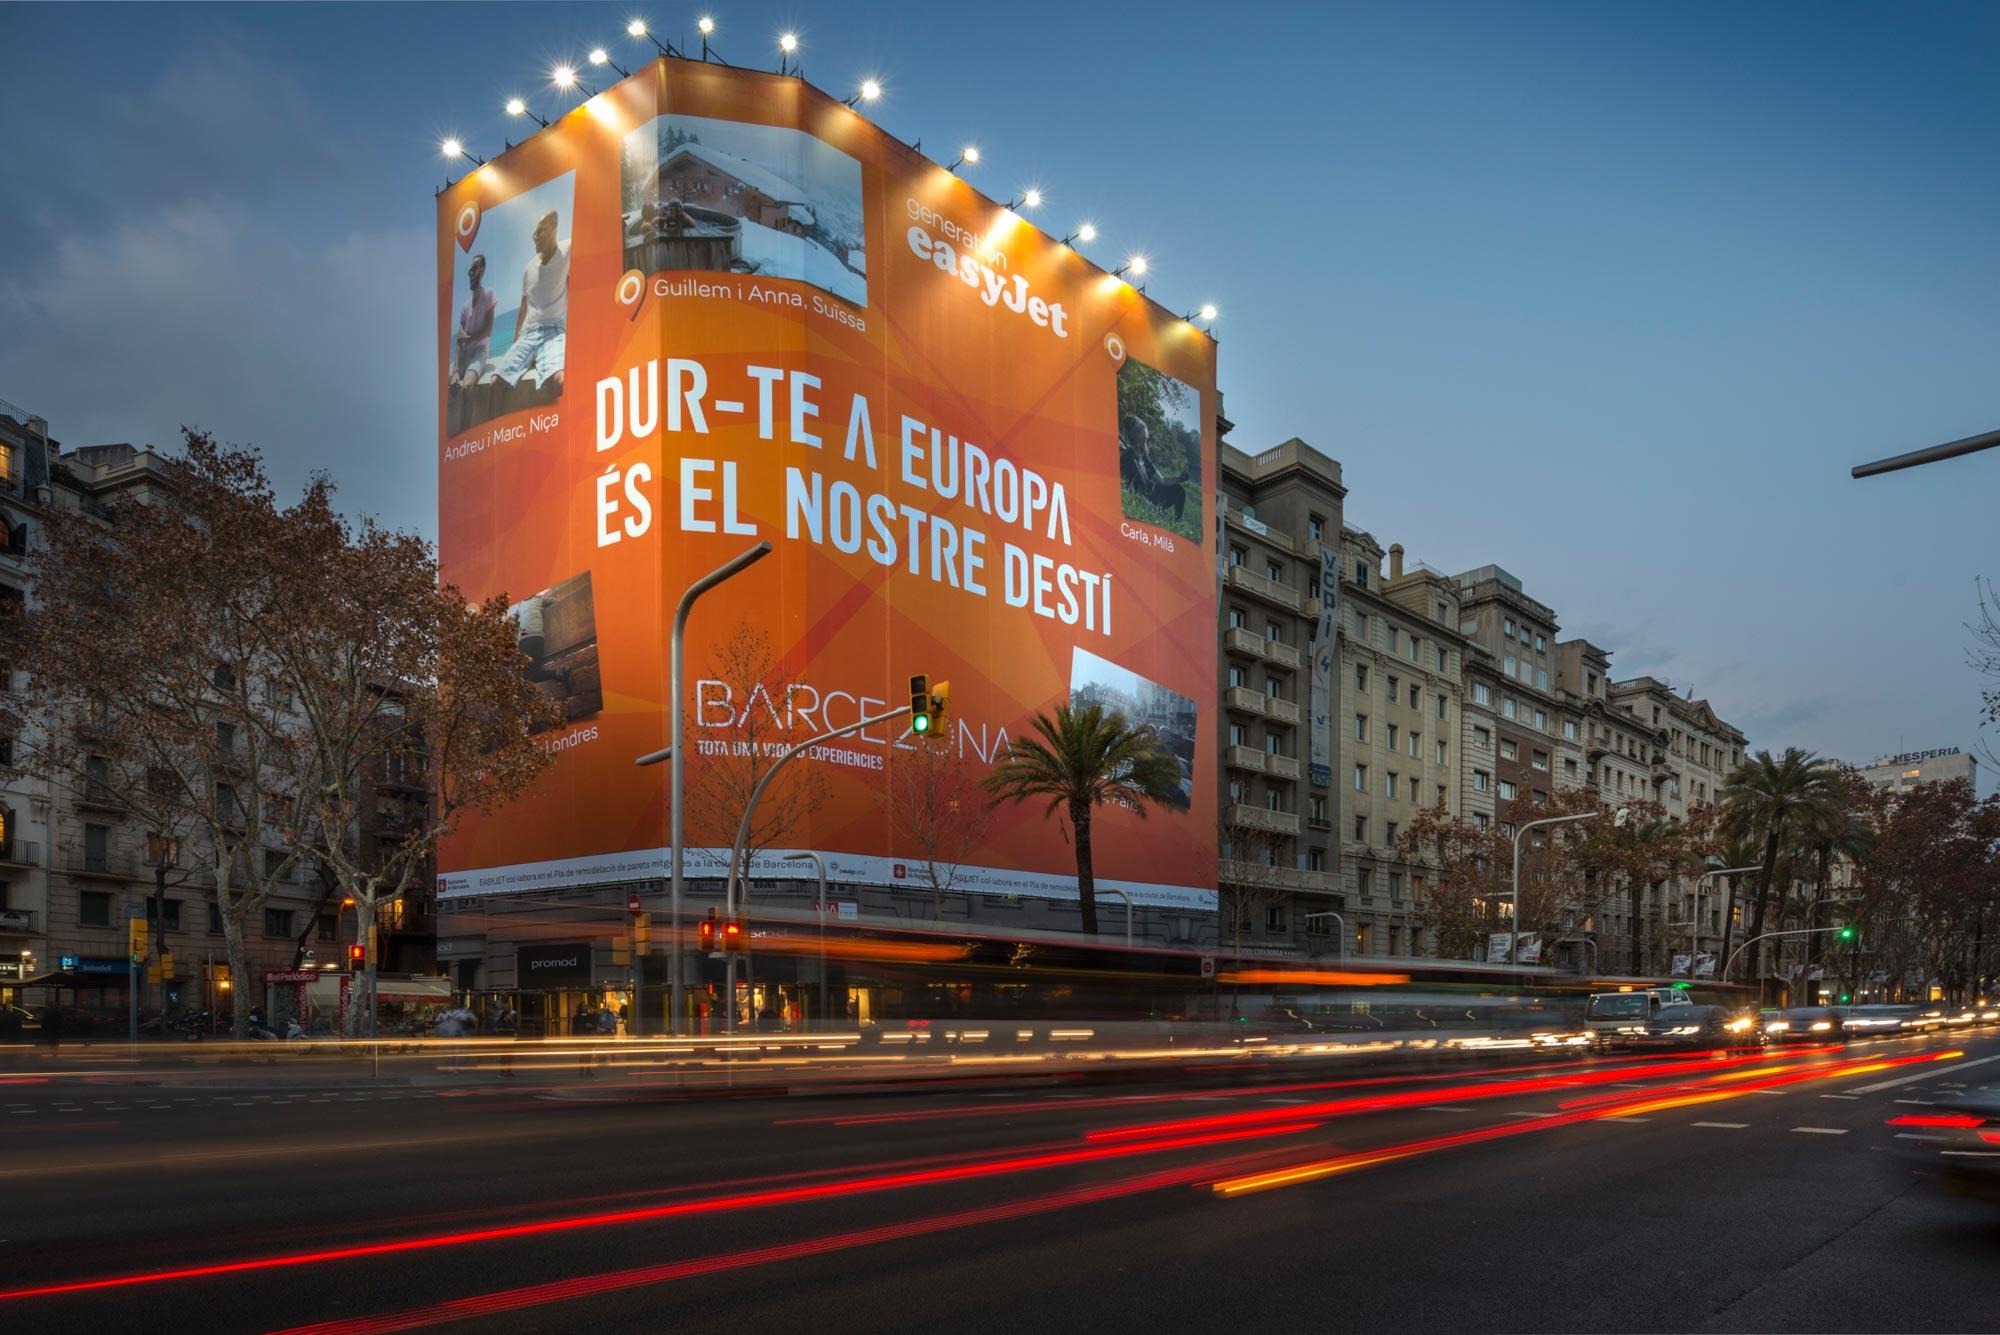 lona-publicitaria-barcelona-avenida-diagonal-598-easyjet-frontal-vsa-comunicacion